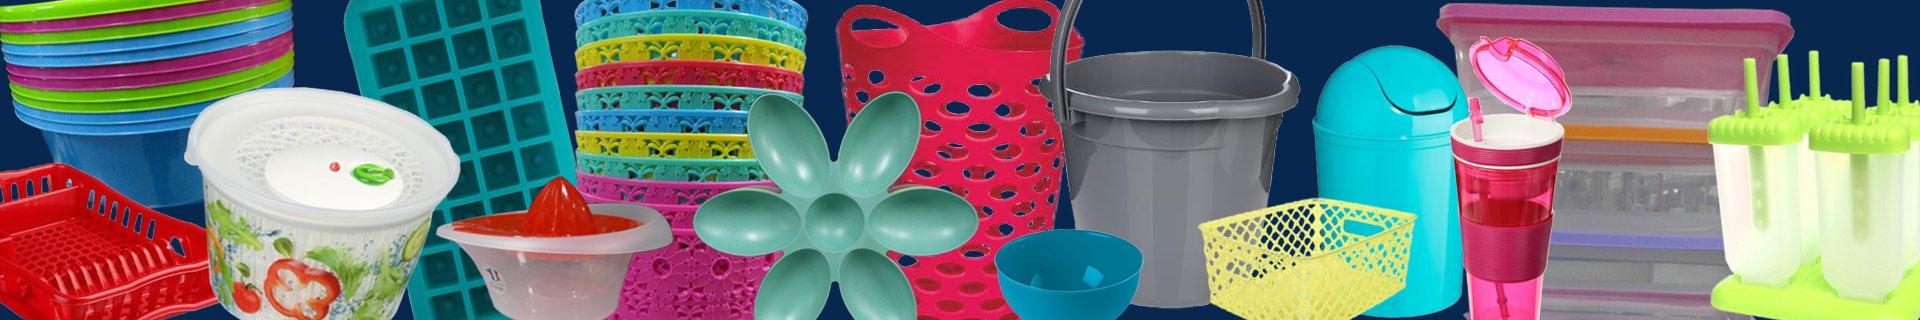 Plastique ménager